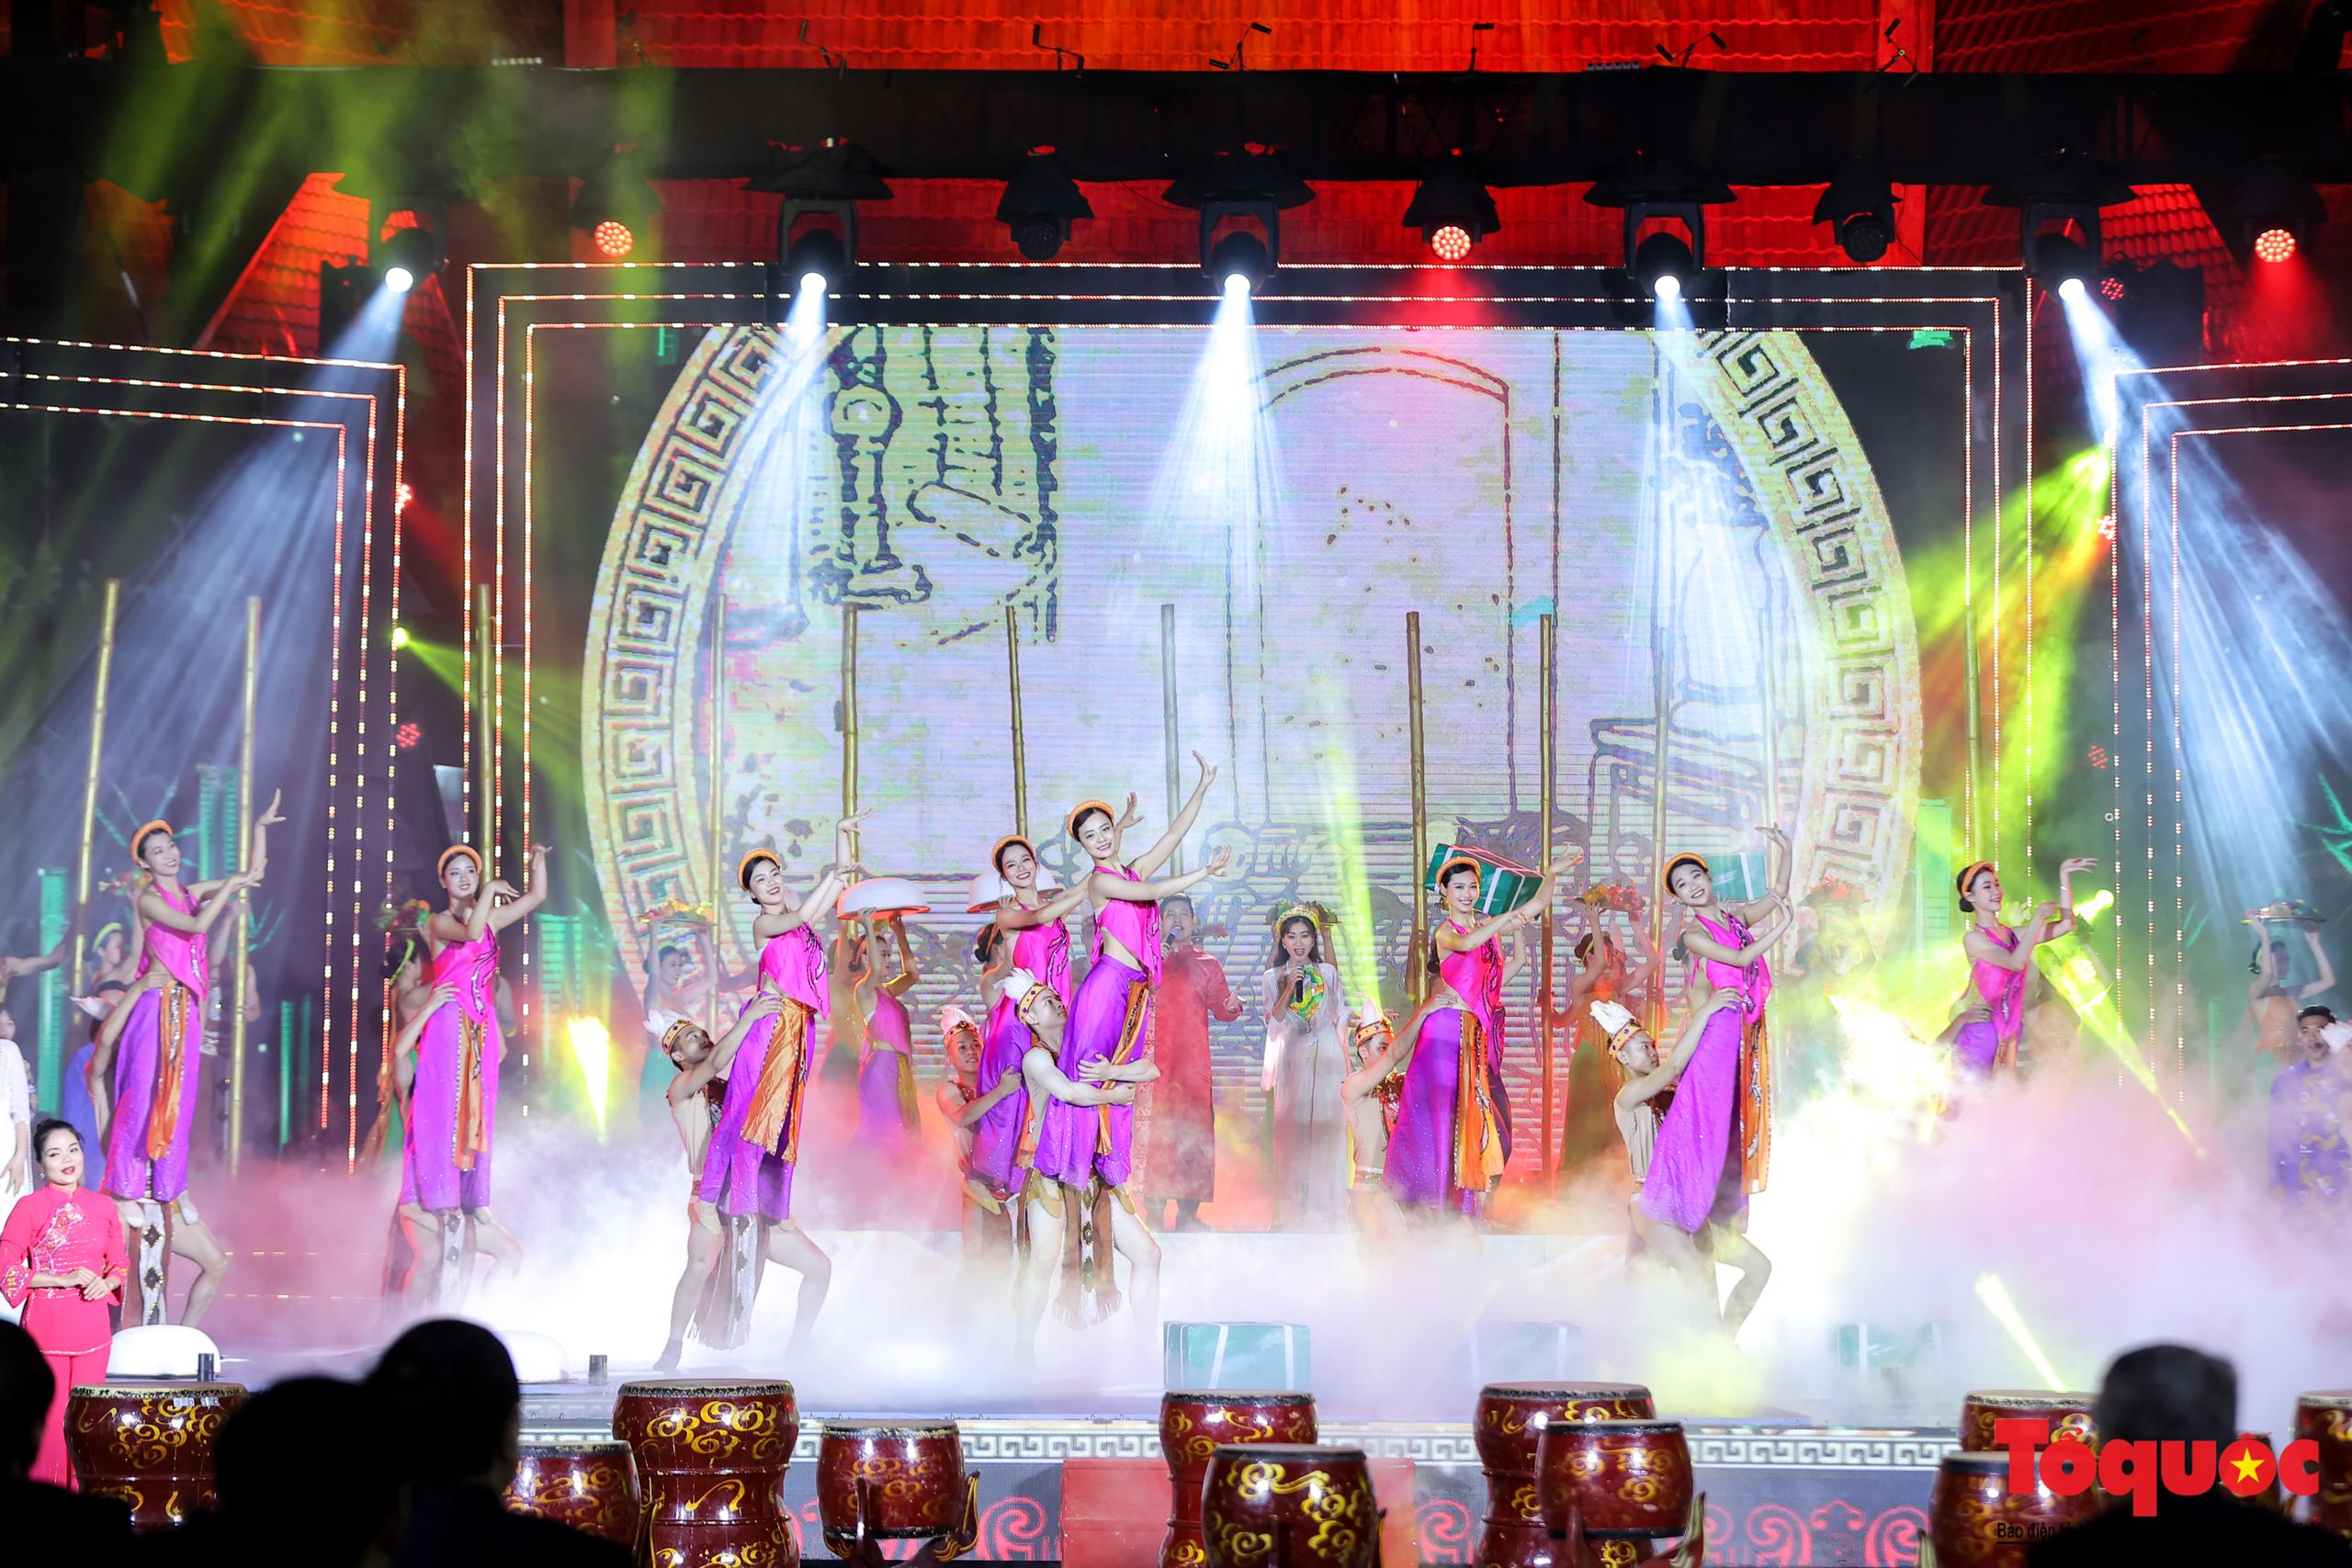 """(Chùm ảnh) Chương trình nghệ thuật đặc sắc """"Văn hoá các dân tộc – Hội tụ và phát triển"""" chào mừng Ngày Văn hoá các dân tộc Việt Nam 2021 - Ảnh 6."""